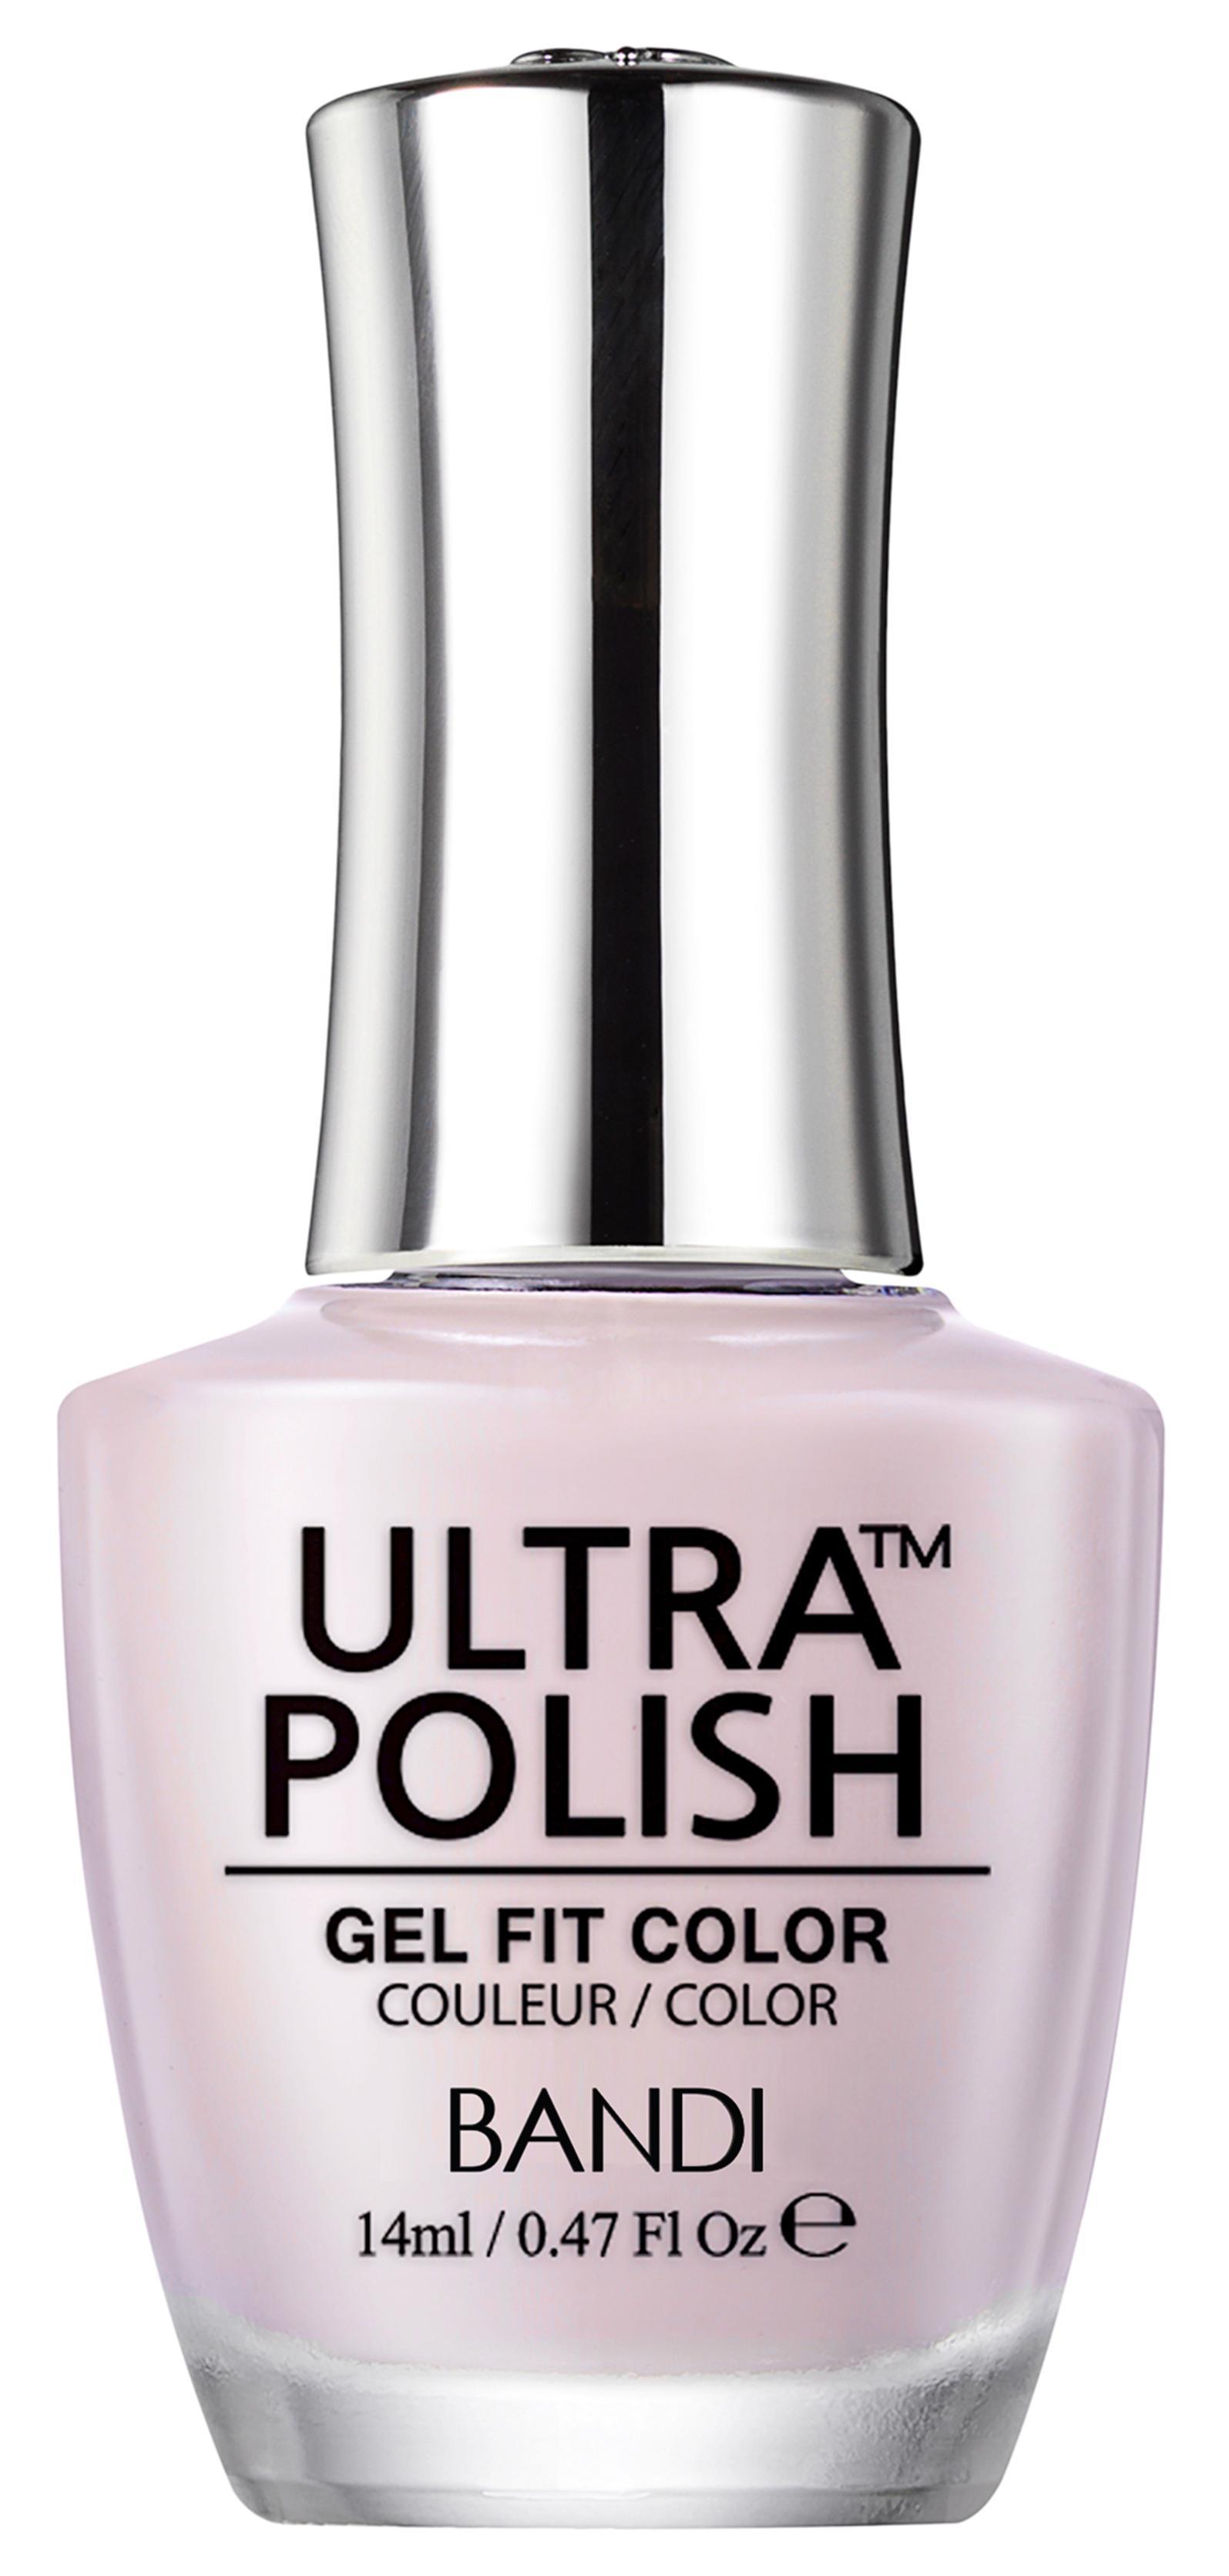 Купить BANDI UP125 ультра-покрытие долговременное цветное для ногтей / ULTRA POLISH GEL FIT COLOR 14 мл, Розовые